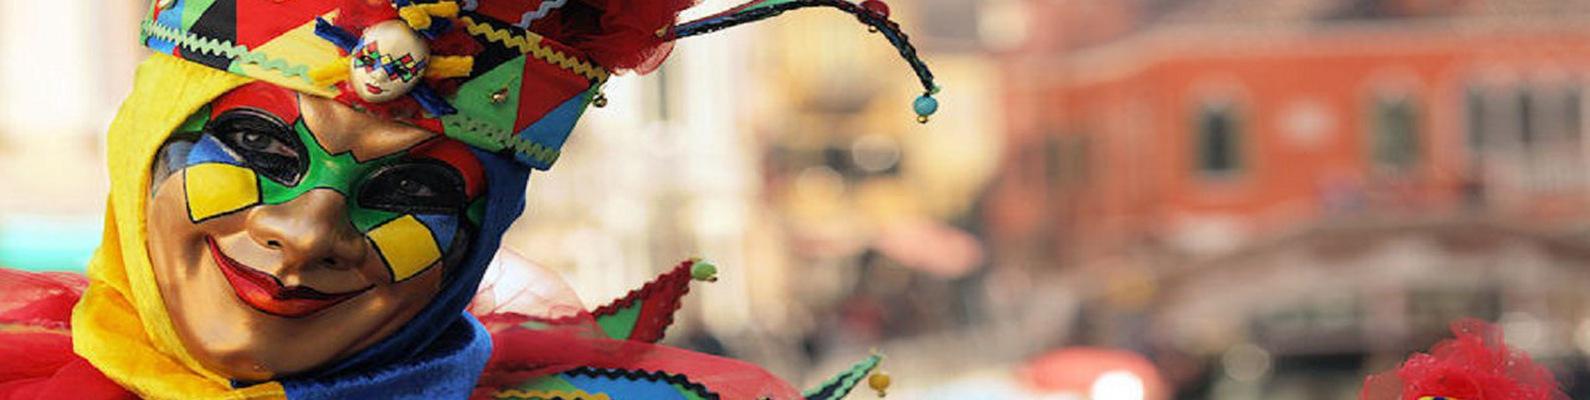 Маскарад: прокат карнавальных костюмов   Вологда   VK - photo#46